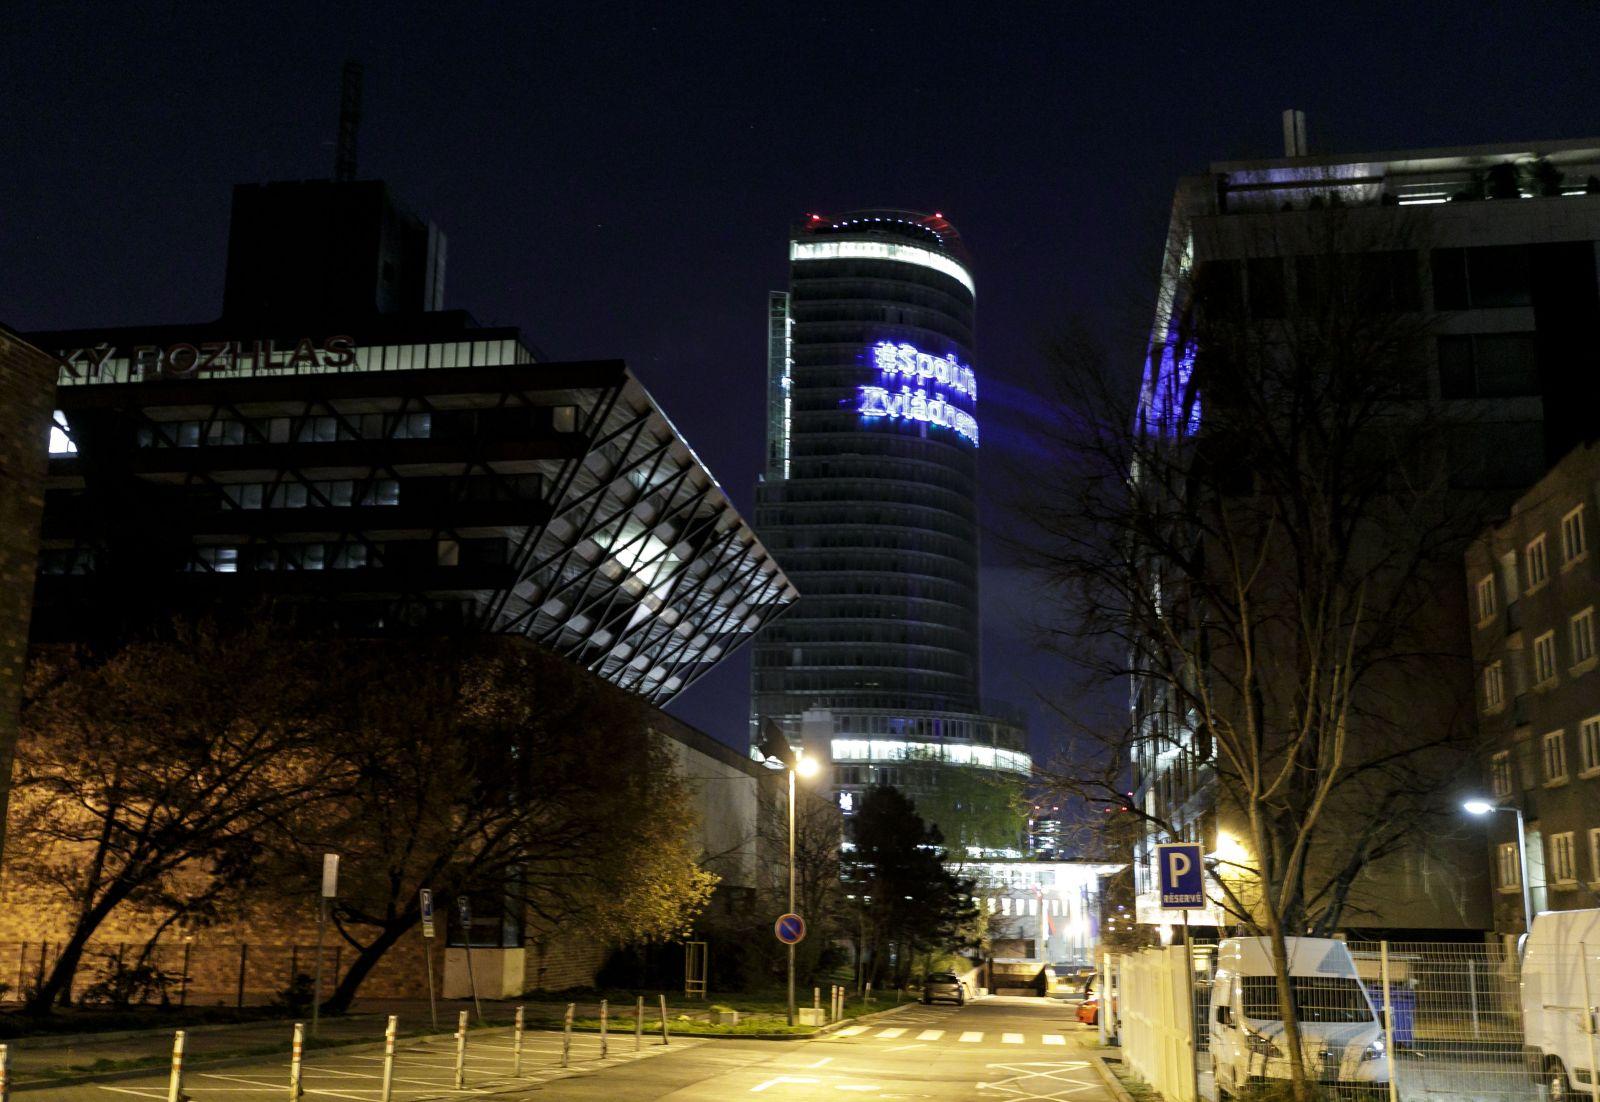 KORONA NAŽIVO: Slovensko má potvrdené prvé dve obete nového koronavírusu. Včera pozitívne testovali ďalších 49 ľudí